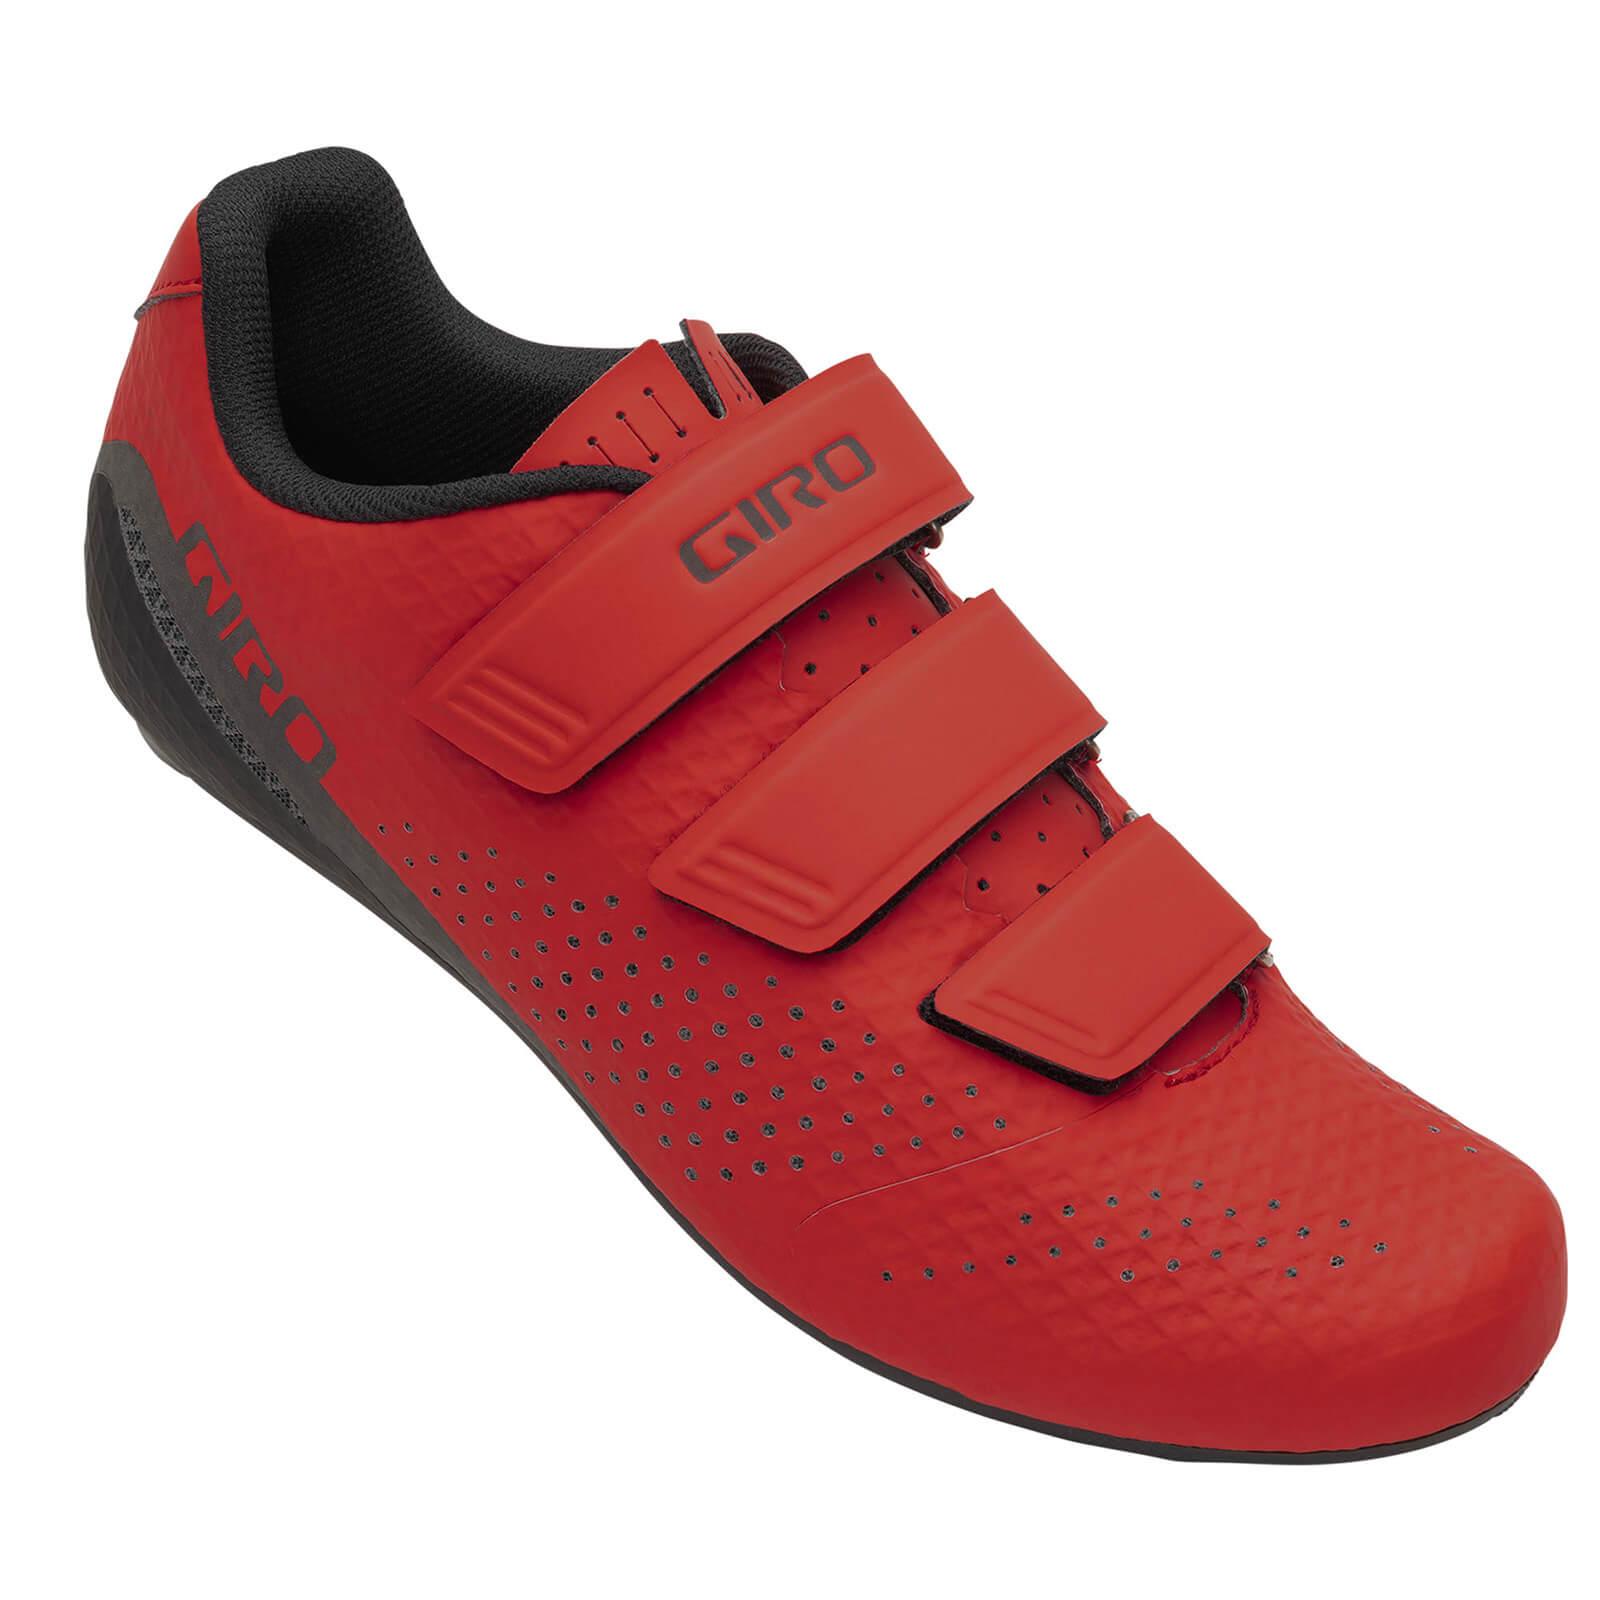 Giro Stylus Road Shoe - EU 43 - Red